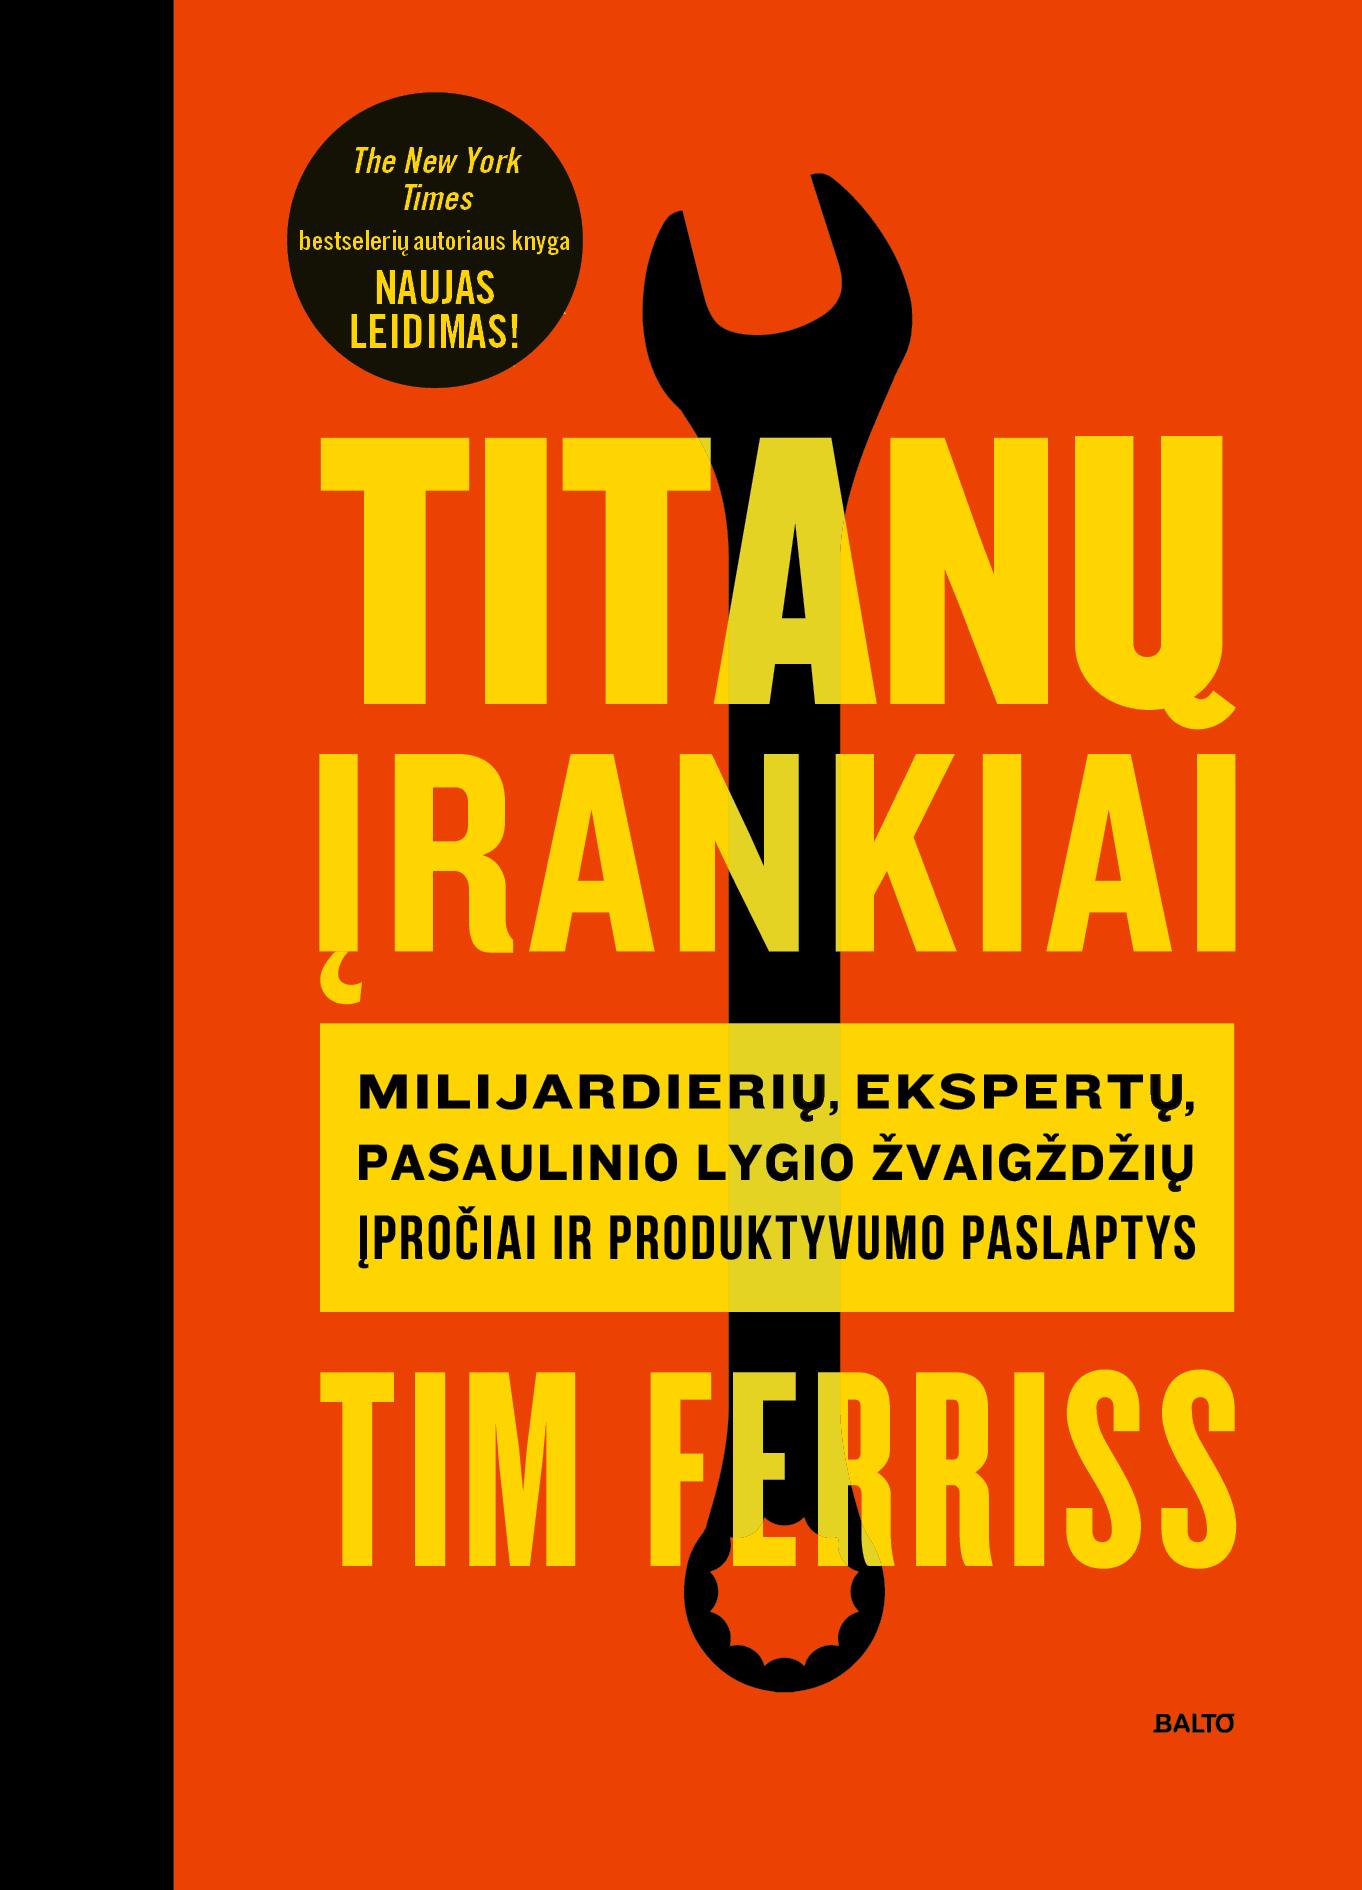 Titanų įrankiai, Tim Ferriss, BALTO leidybos namai